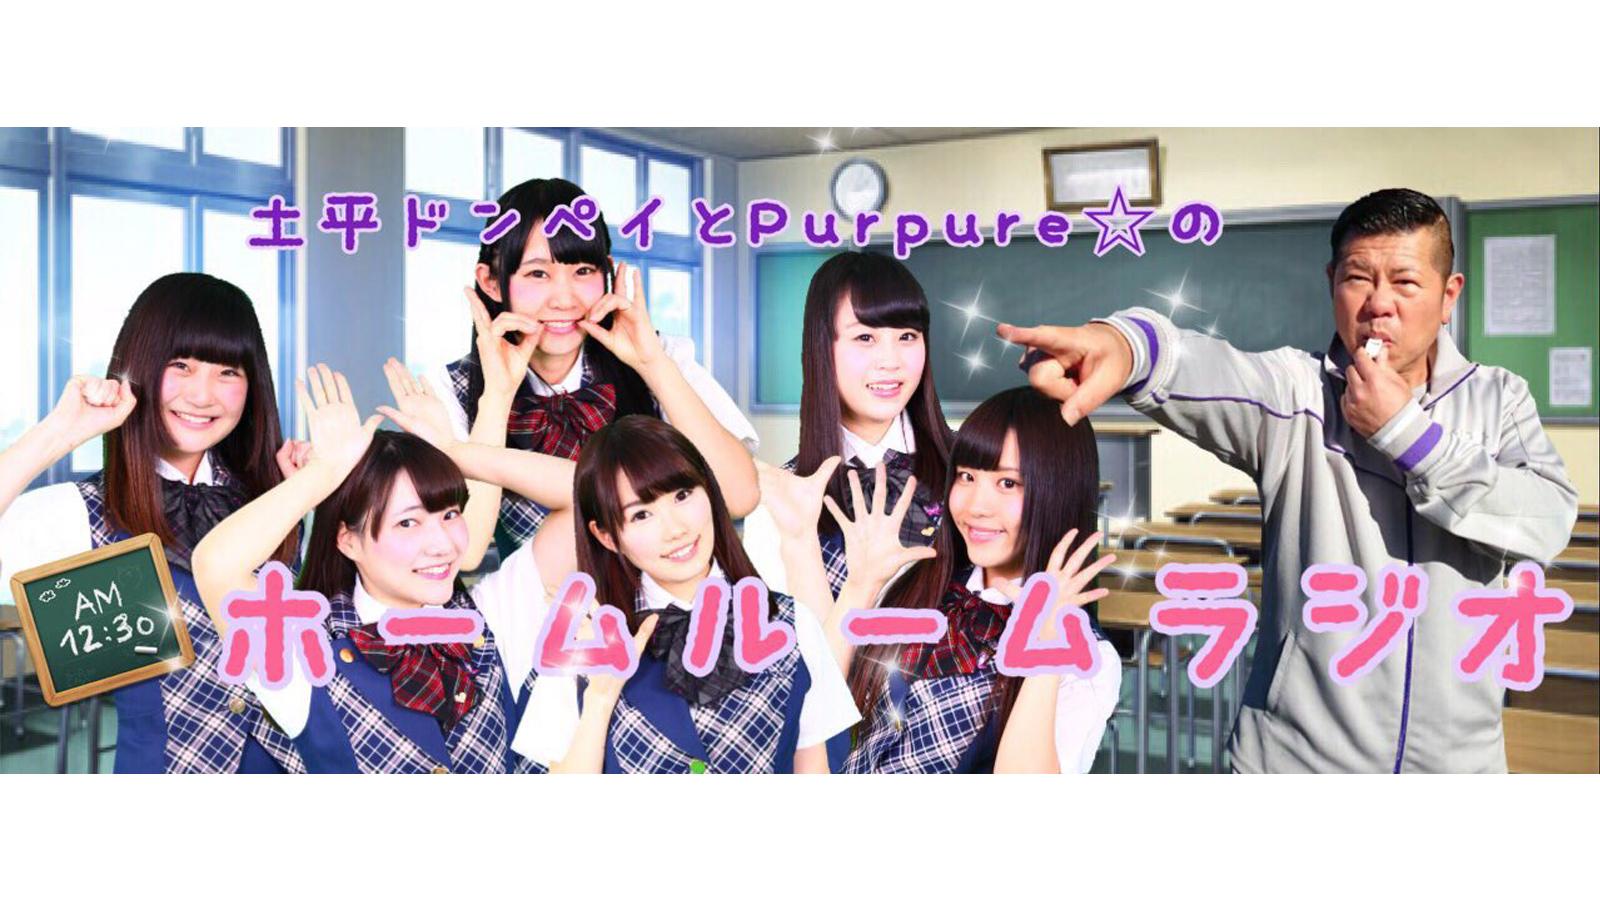 土平ドンペイとPurpure☆のホームルームラジオ